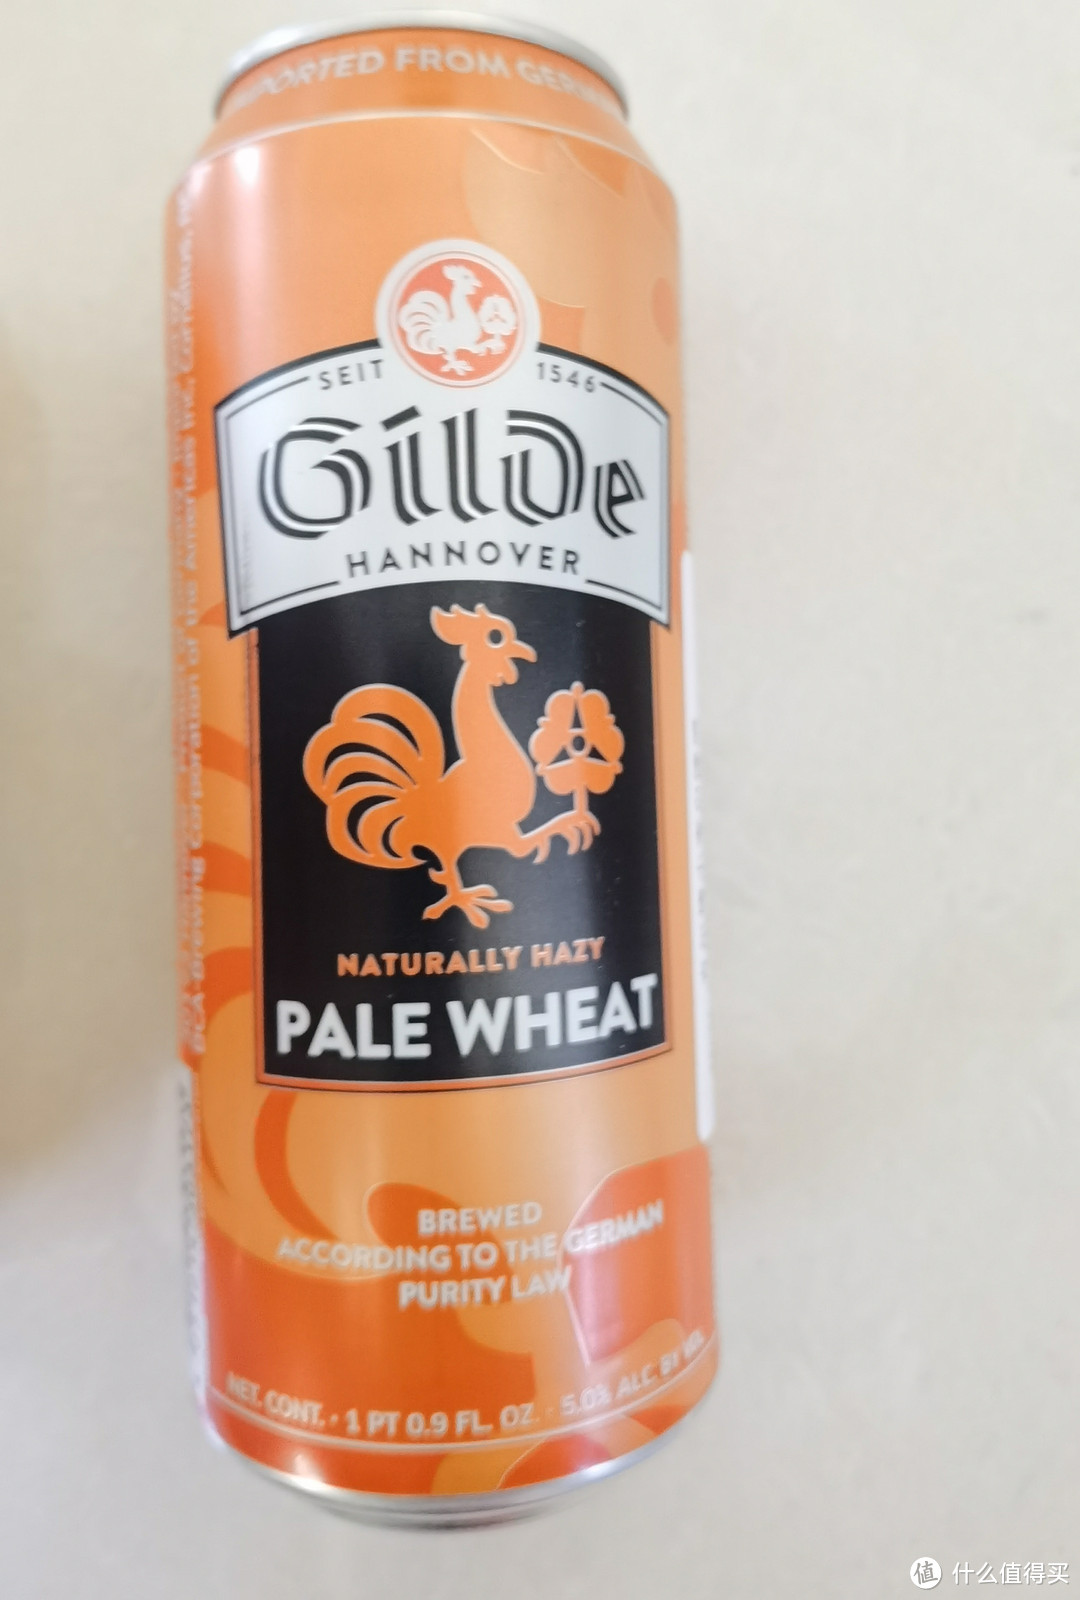 吉尔德小麦白啤酒试饮